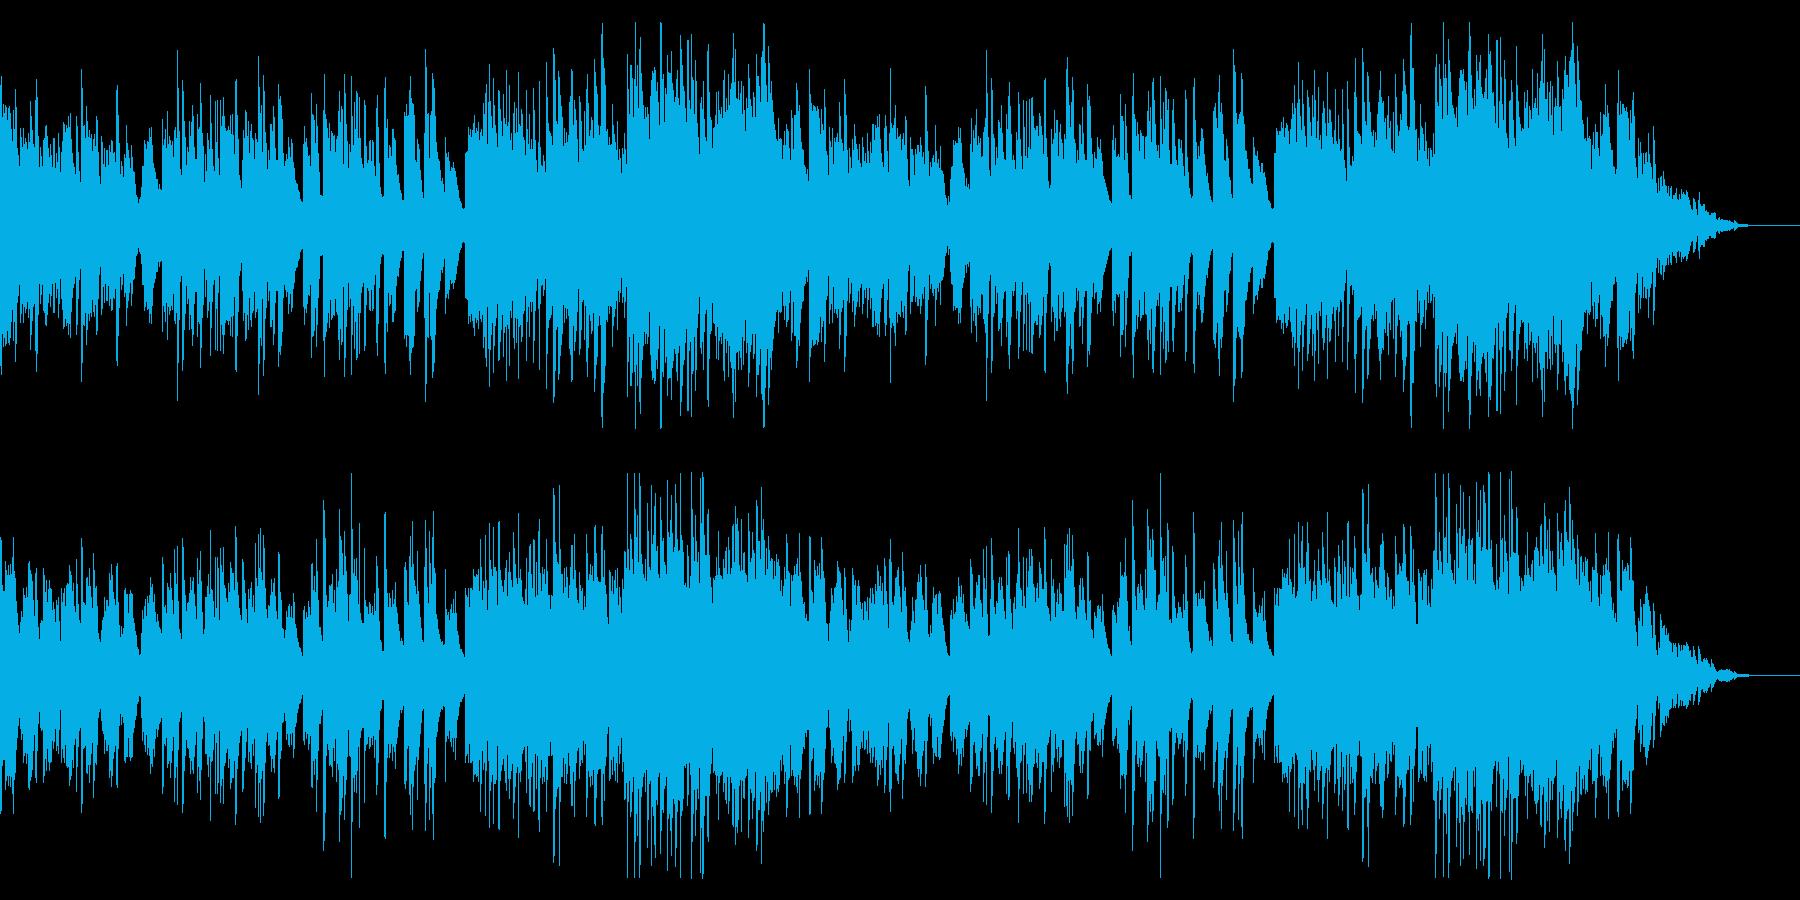 【ピアノソロ】ピアノメインの感動的な曲の再生済みの波形